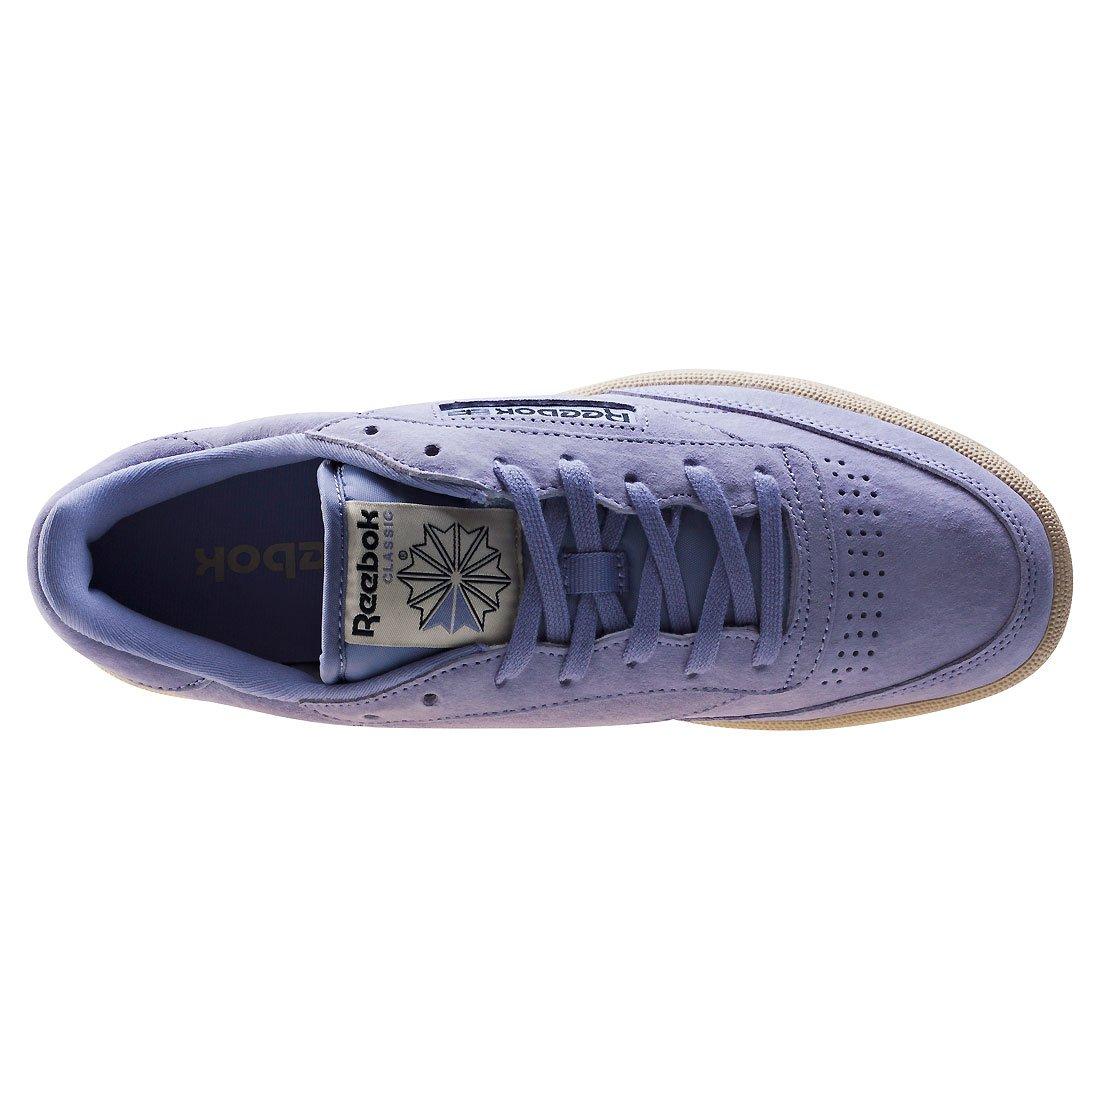 online store 12d18 1c892 Reebok Club C 85 Pastels Mens Sneakers Purple